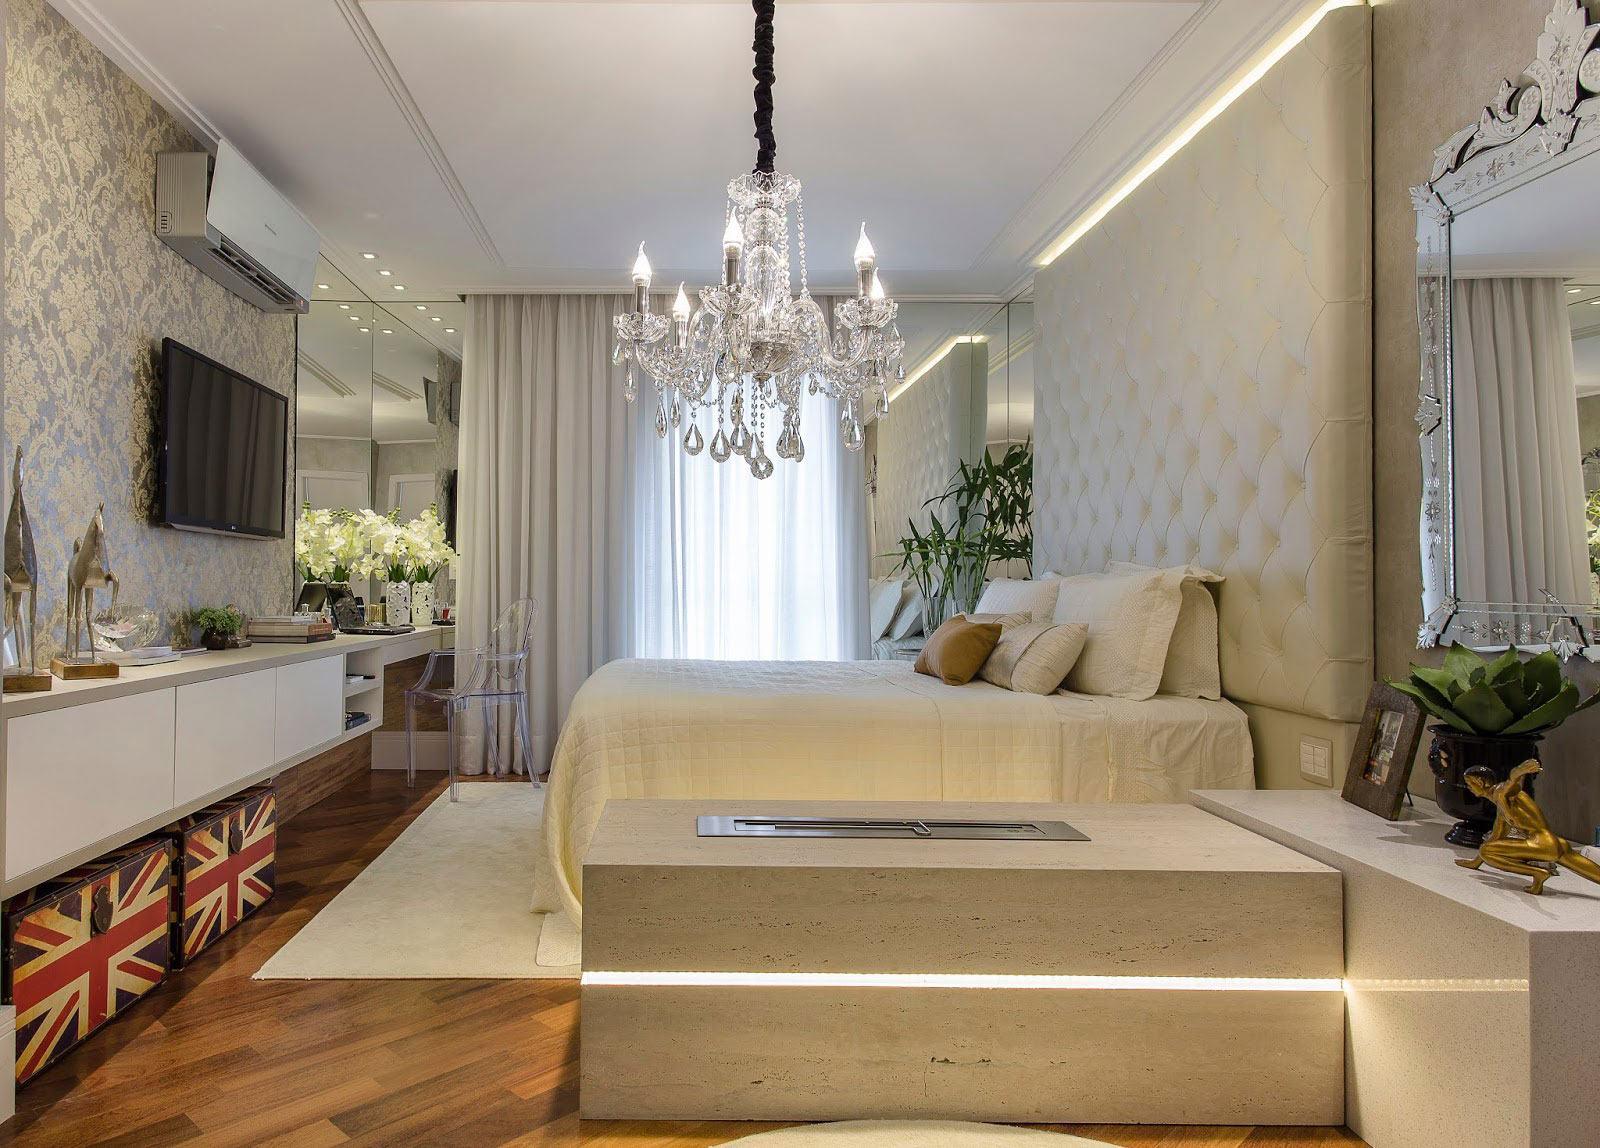 Com a composição elegante do quarto não poderia faltar um belo lustre de cristal